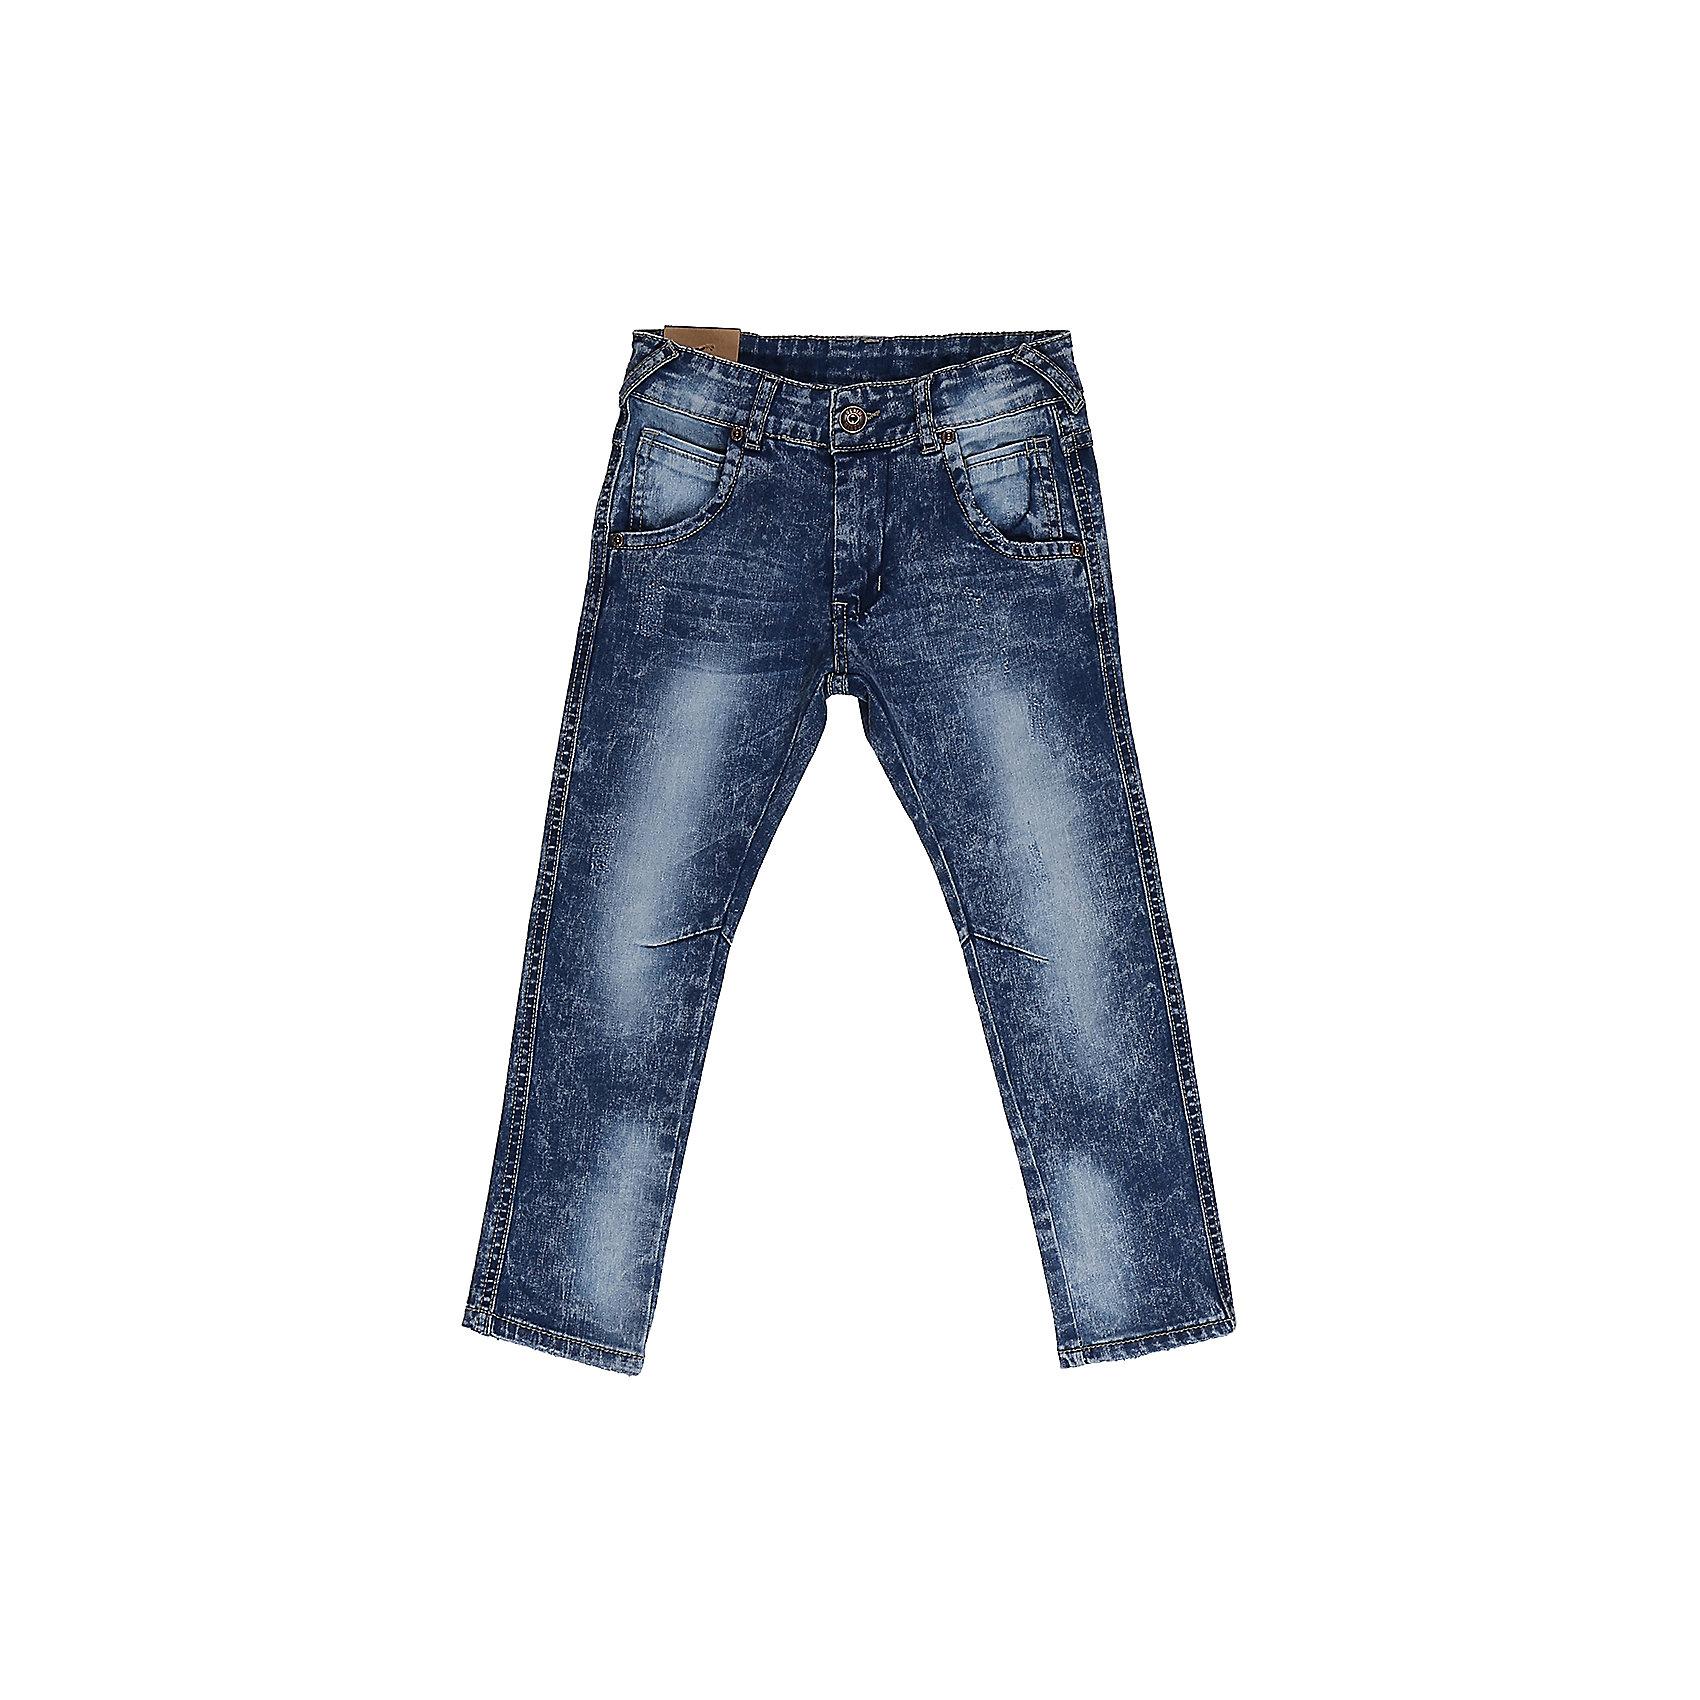 Джинсы для мальчика Sweet BerryДжинсовая одежда<br>Джинсы  для мальчика с оригинальной варкой. Зауженный крой, средняя посадка. Застегиваются на молнию и пуговицу. Шлевки на поясе рассчитаны под ремень. В боковой части пояса находятся вшитые эластичные ленты, регулирующие посадку по талии.<br>Состав:<br>98%хлопок 2%эластан<br><br>Ширина мм: 215<br>Глубина мм: 88<br>Высота мм: 191<br>Вес г: 336<br>Цвет: синий<br>Возраст от месяцев: 36<br>Возраст до месяцев: 48<br>Пол: Мужской<br>Возраст: Детский<br>Размер: 104,98,110,116,122,128<br>SKU: 5412913